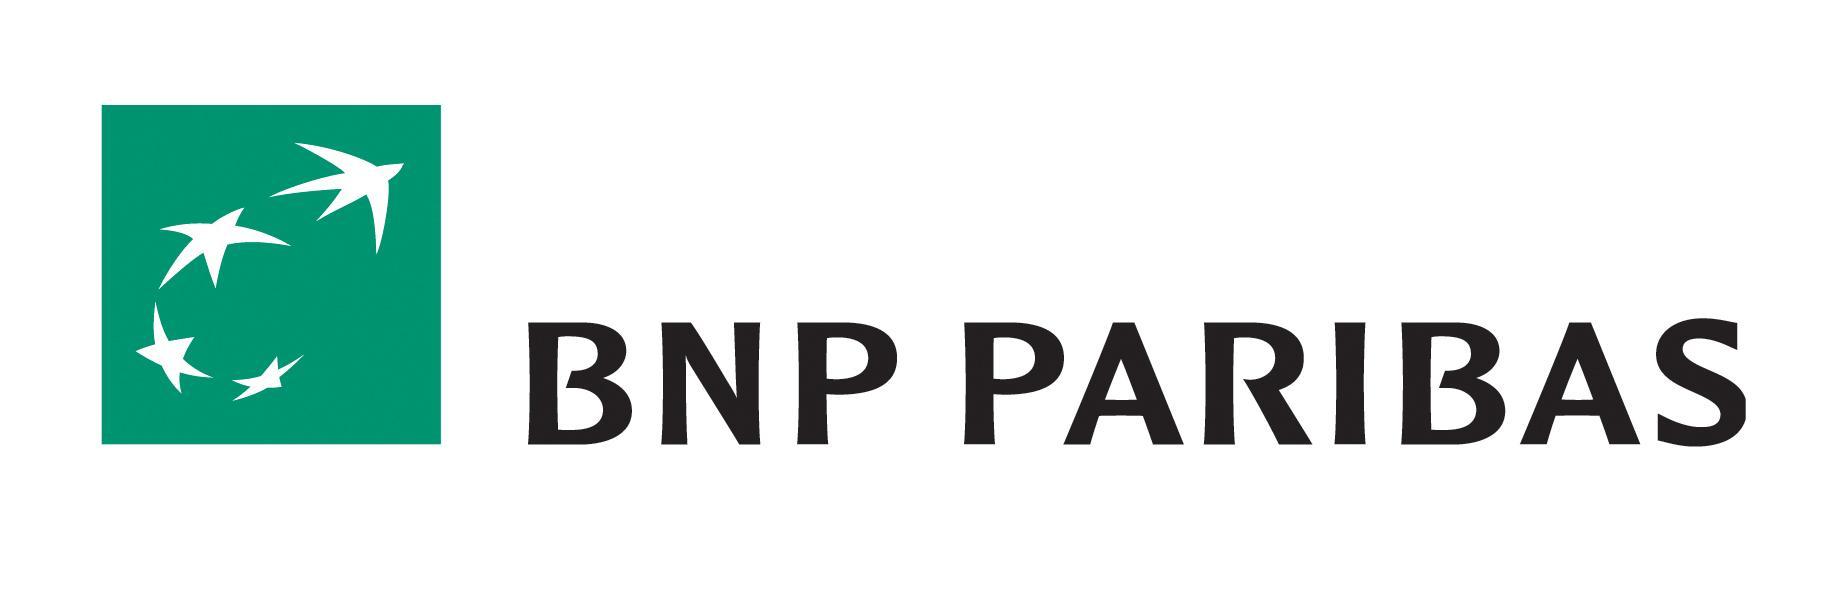 BNP PARIBAS nous à voler notre logo !!